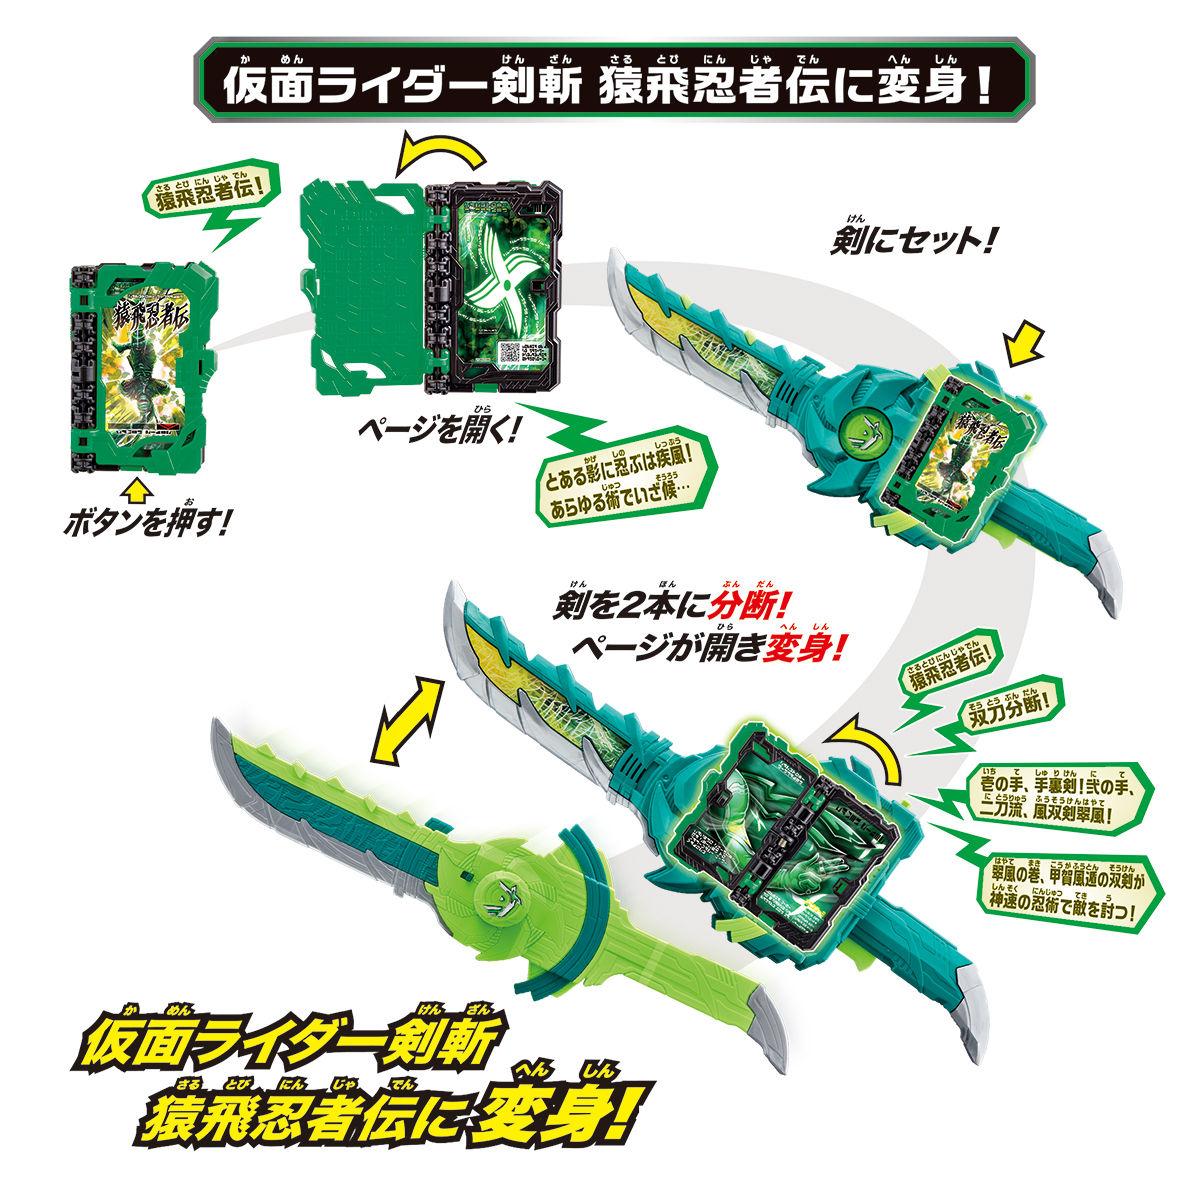 変身聖剣『DX風双剣翠風』仮面ライダー剣斬 変身なりきり-006